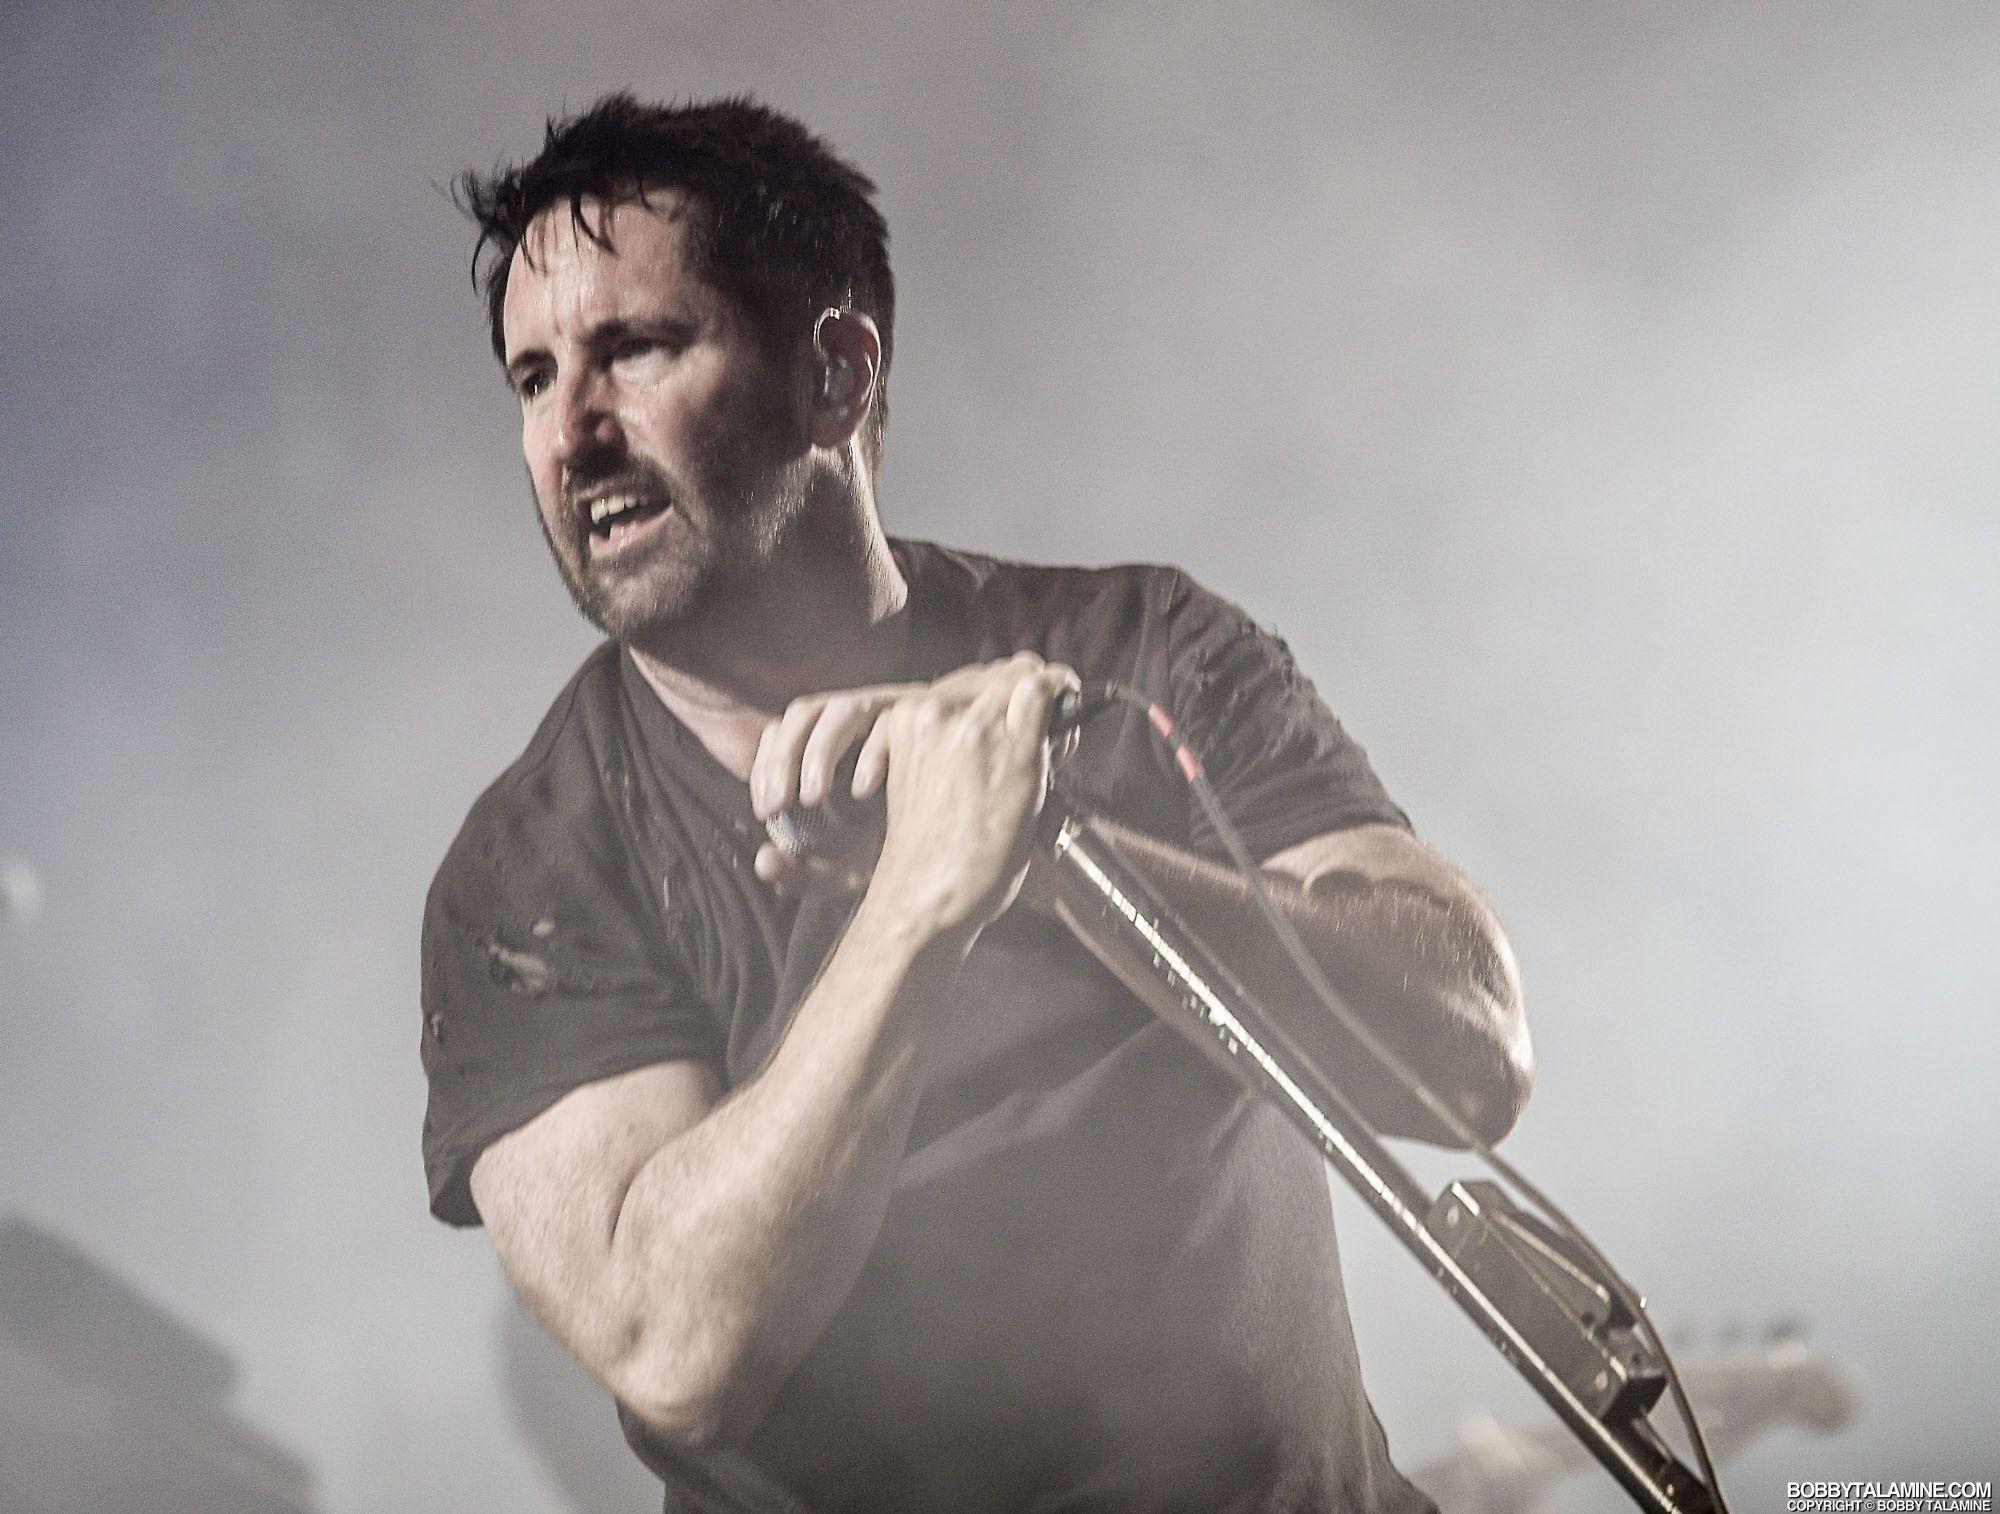 Nine Inch Nails / Trent Reznor at Riot Fest, 15 September 2017 ...